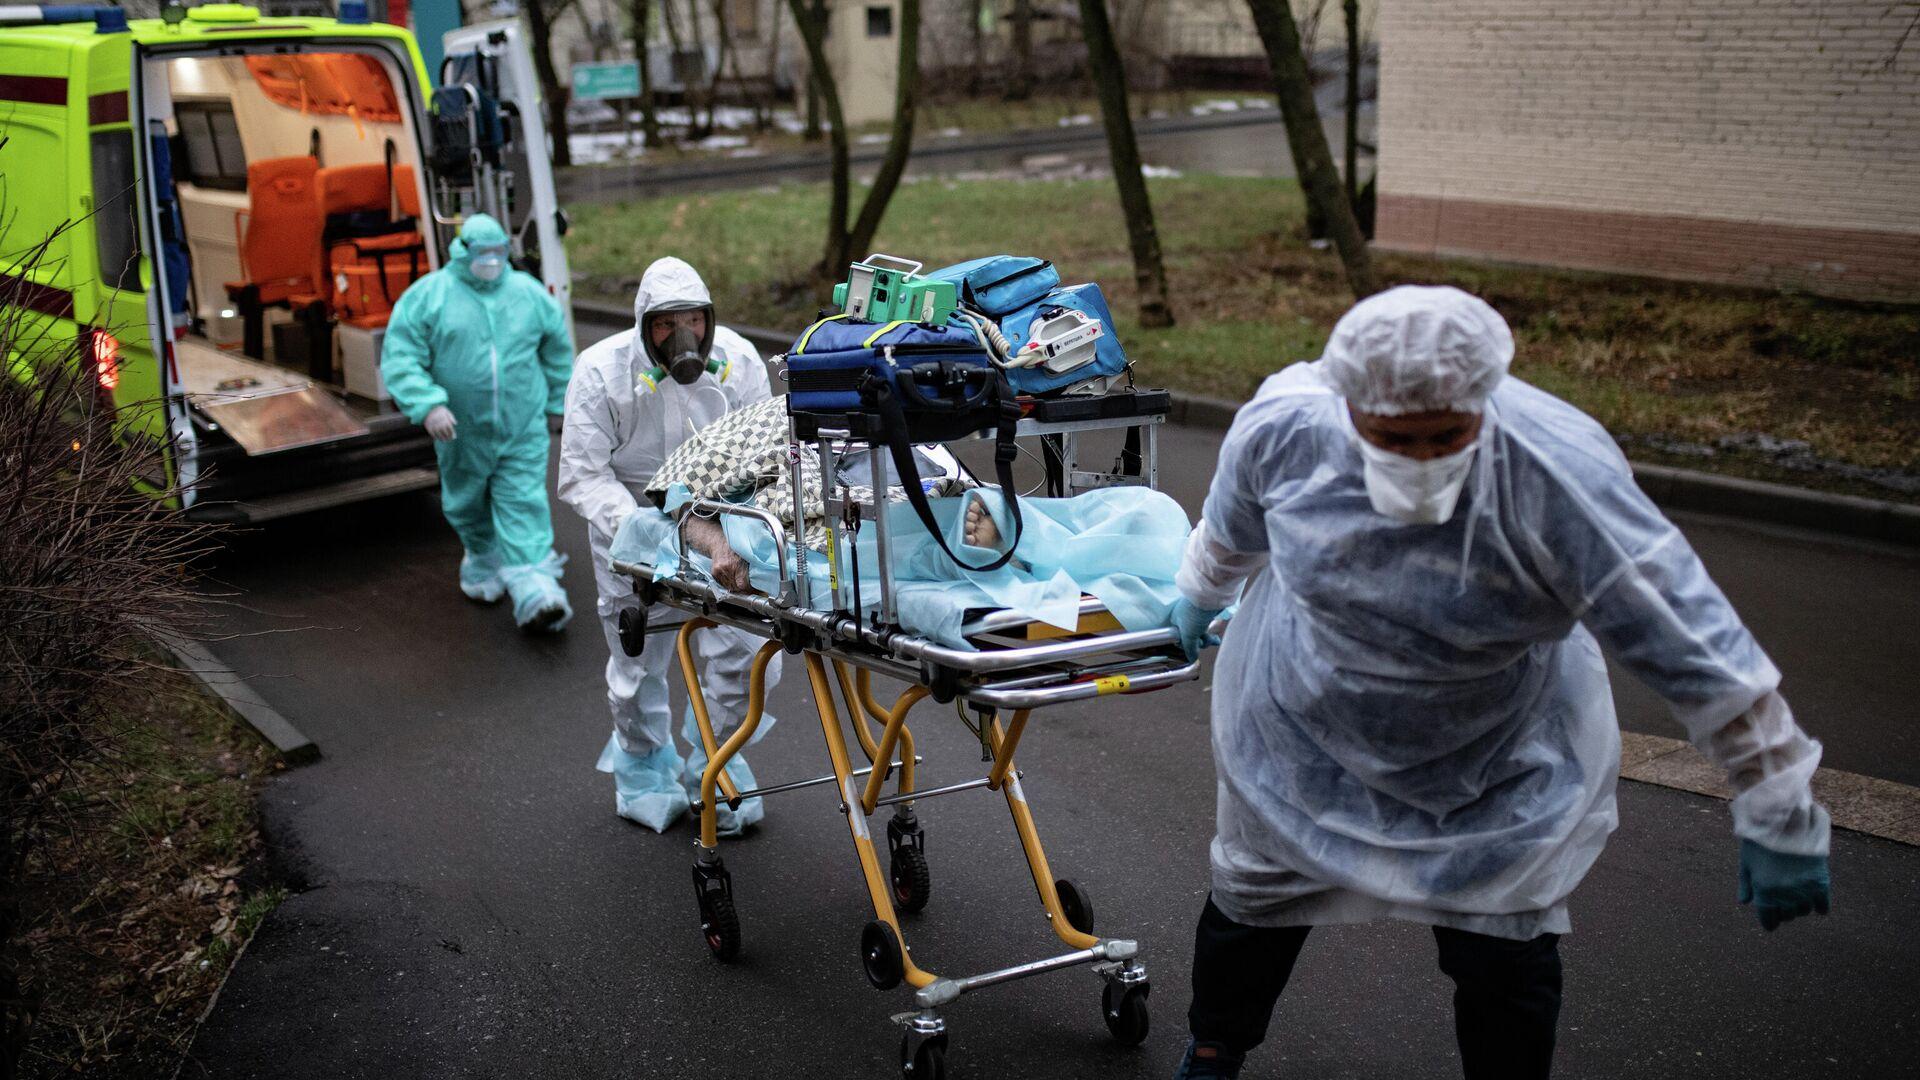 Медицинские работники доставляют пациента из машины скорой помощи в приемное отделение госпиталя COVID-19 в городской клинической больнице № 52 в Москве - РИА Новости, 1920, 03.12.2020